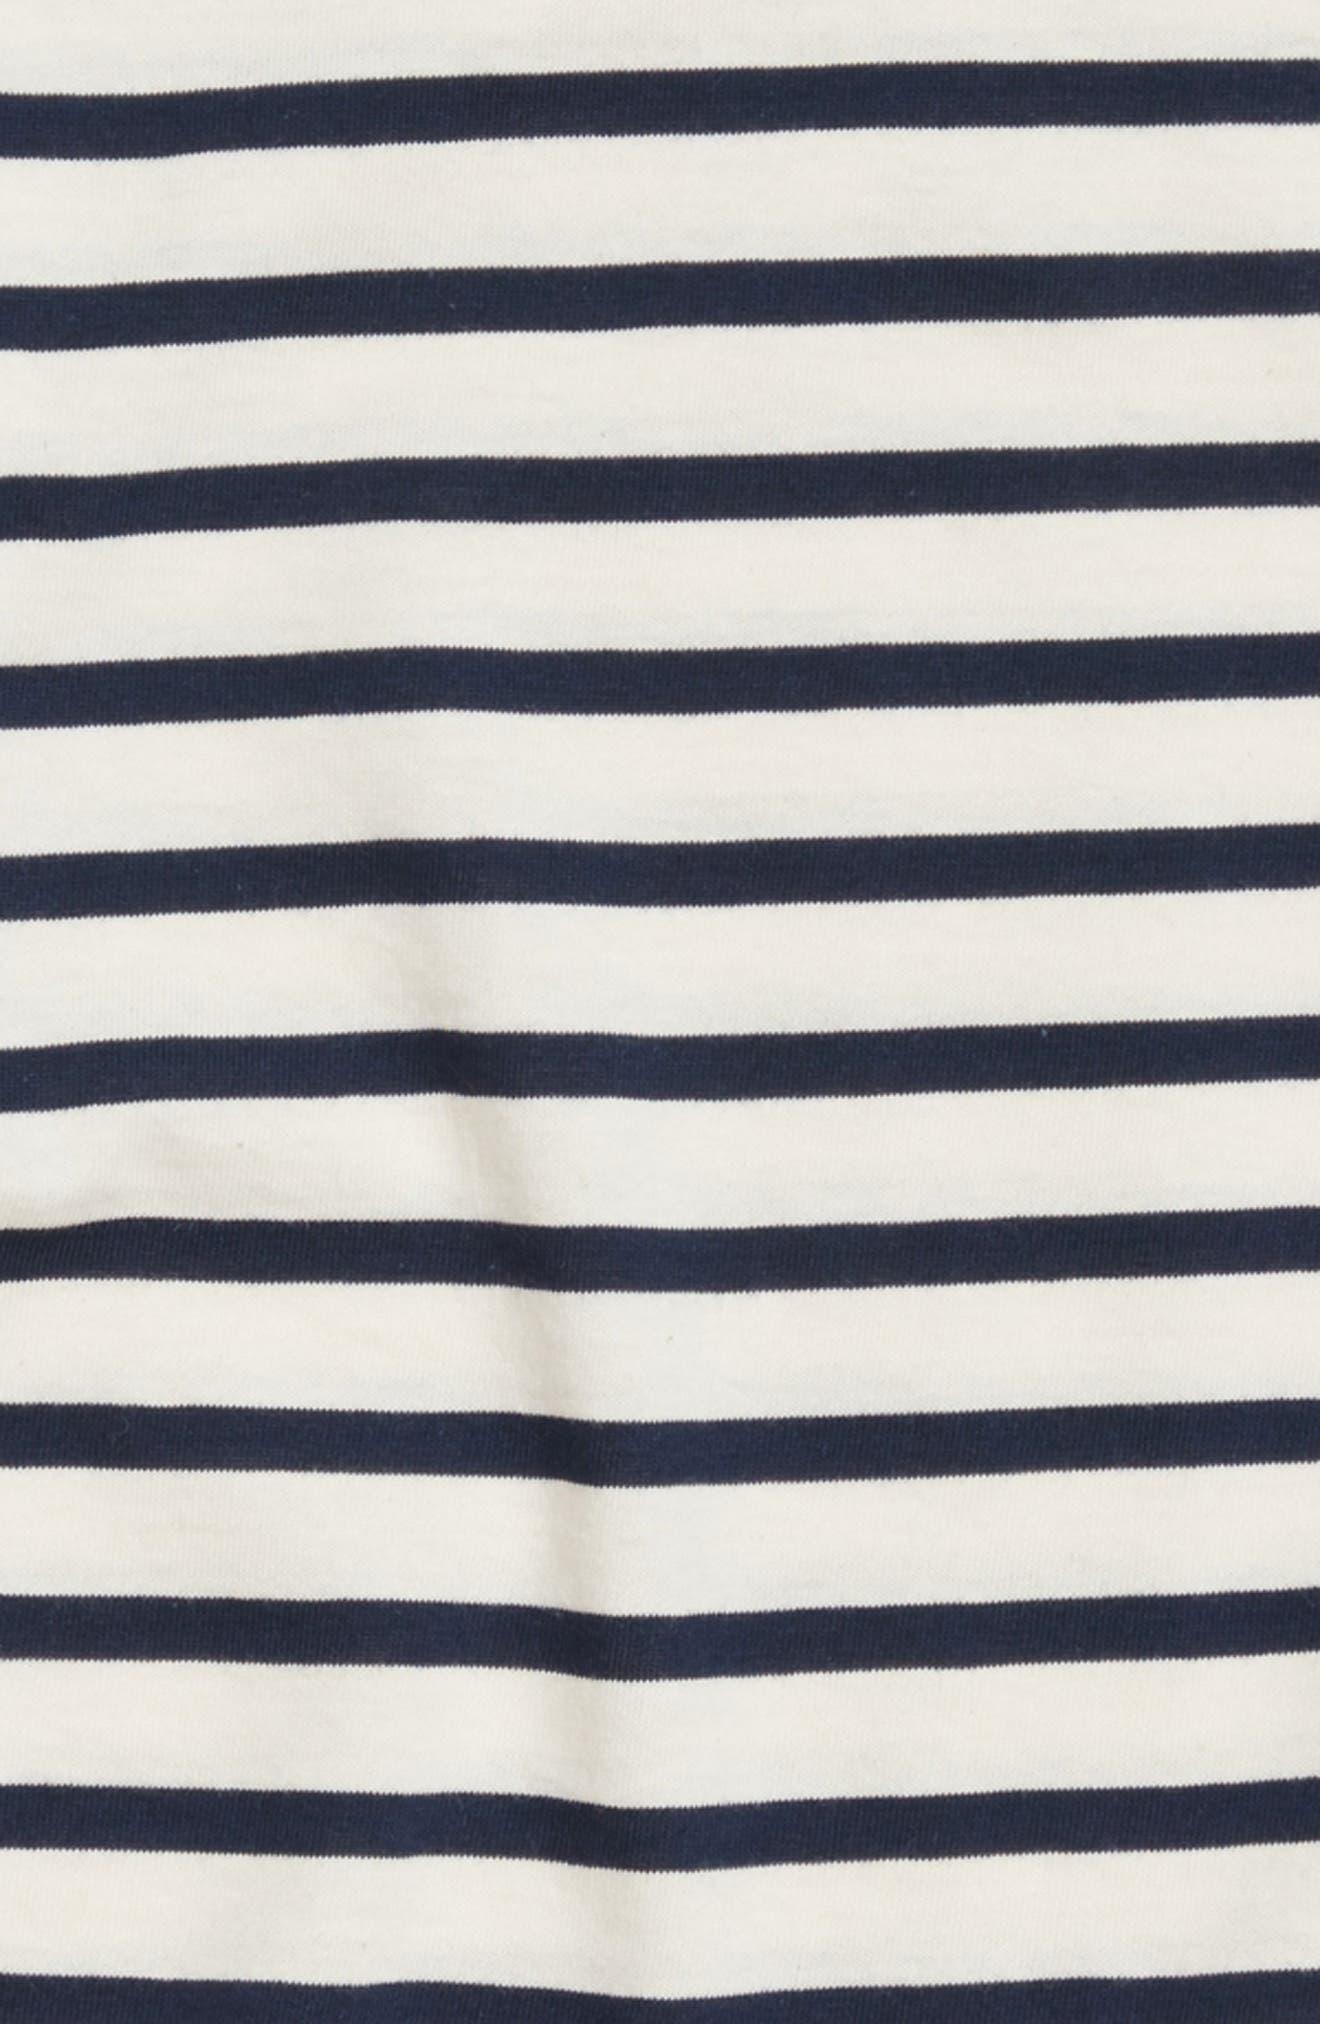 Minquiers Kids Striped Sailor Shirt,                             Alternate thumbnail 2, color,                             400